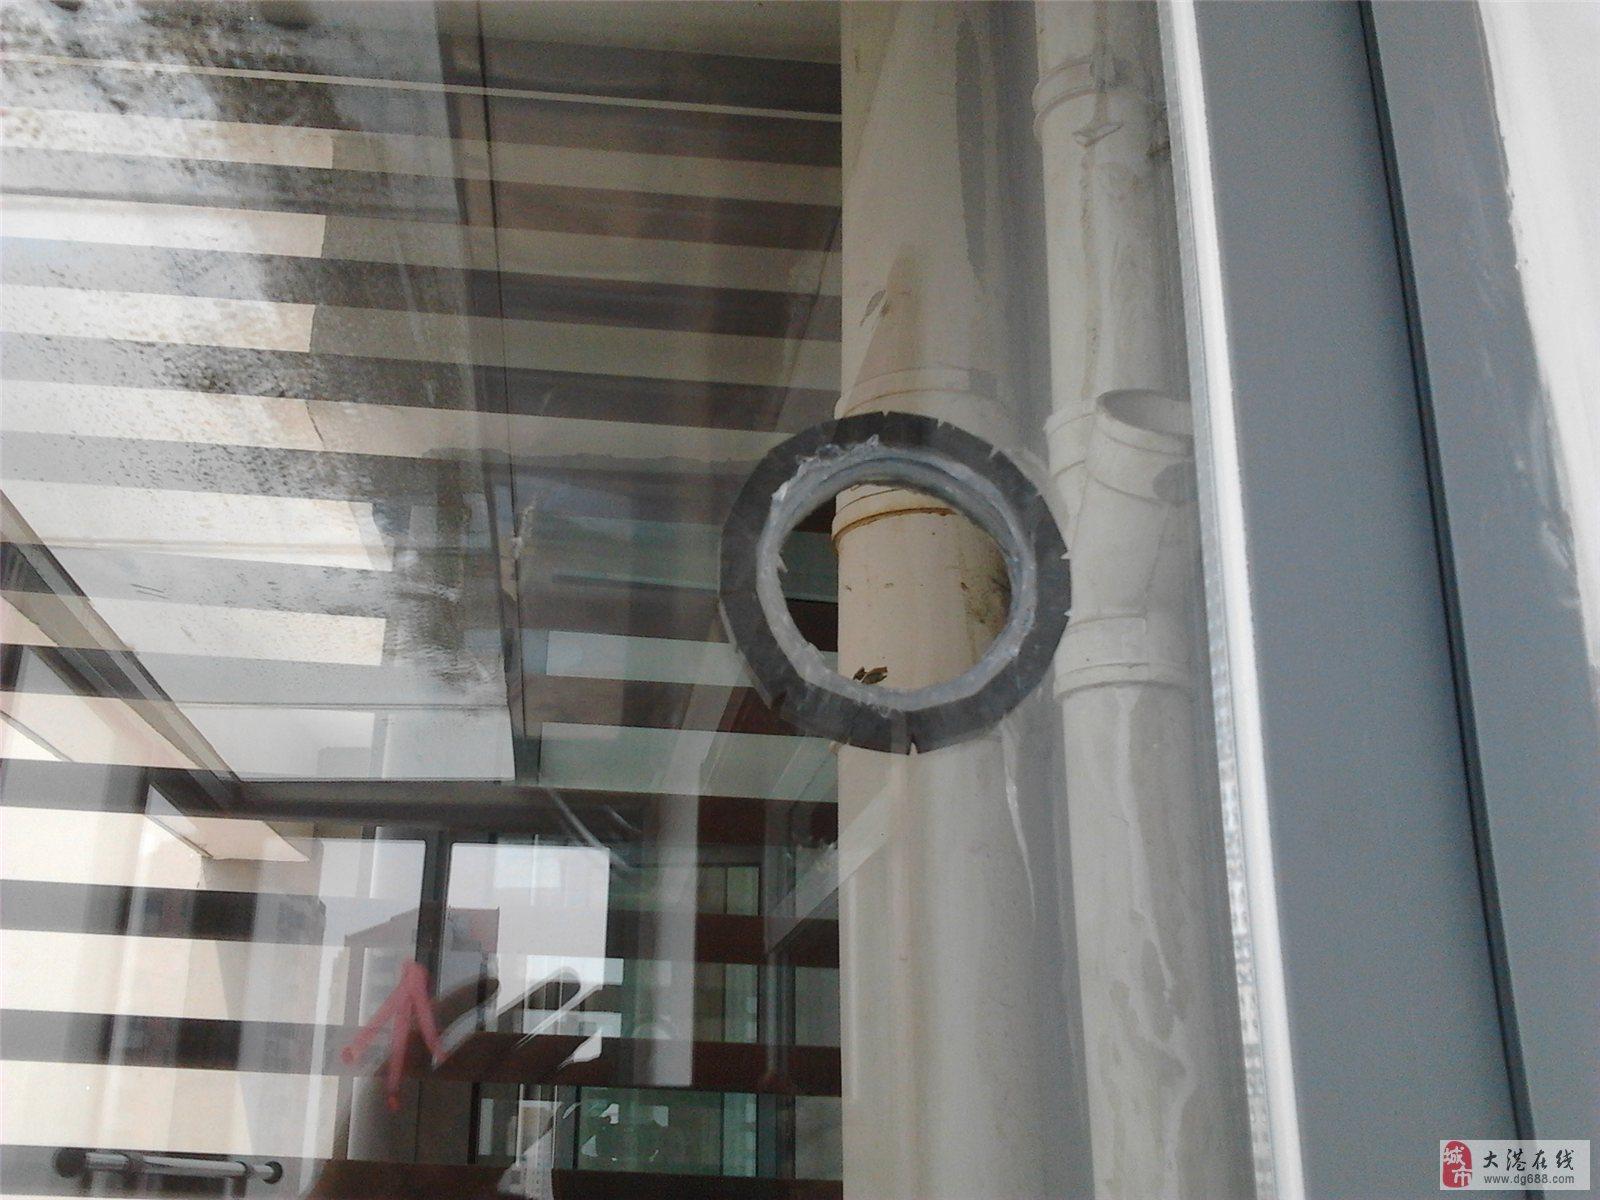 天津大港隐形纱窗,防盗护栏纱窗制作安装,玻璃打眼